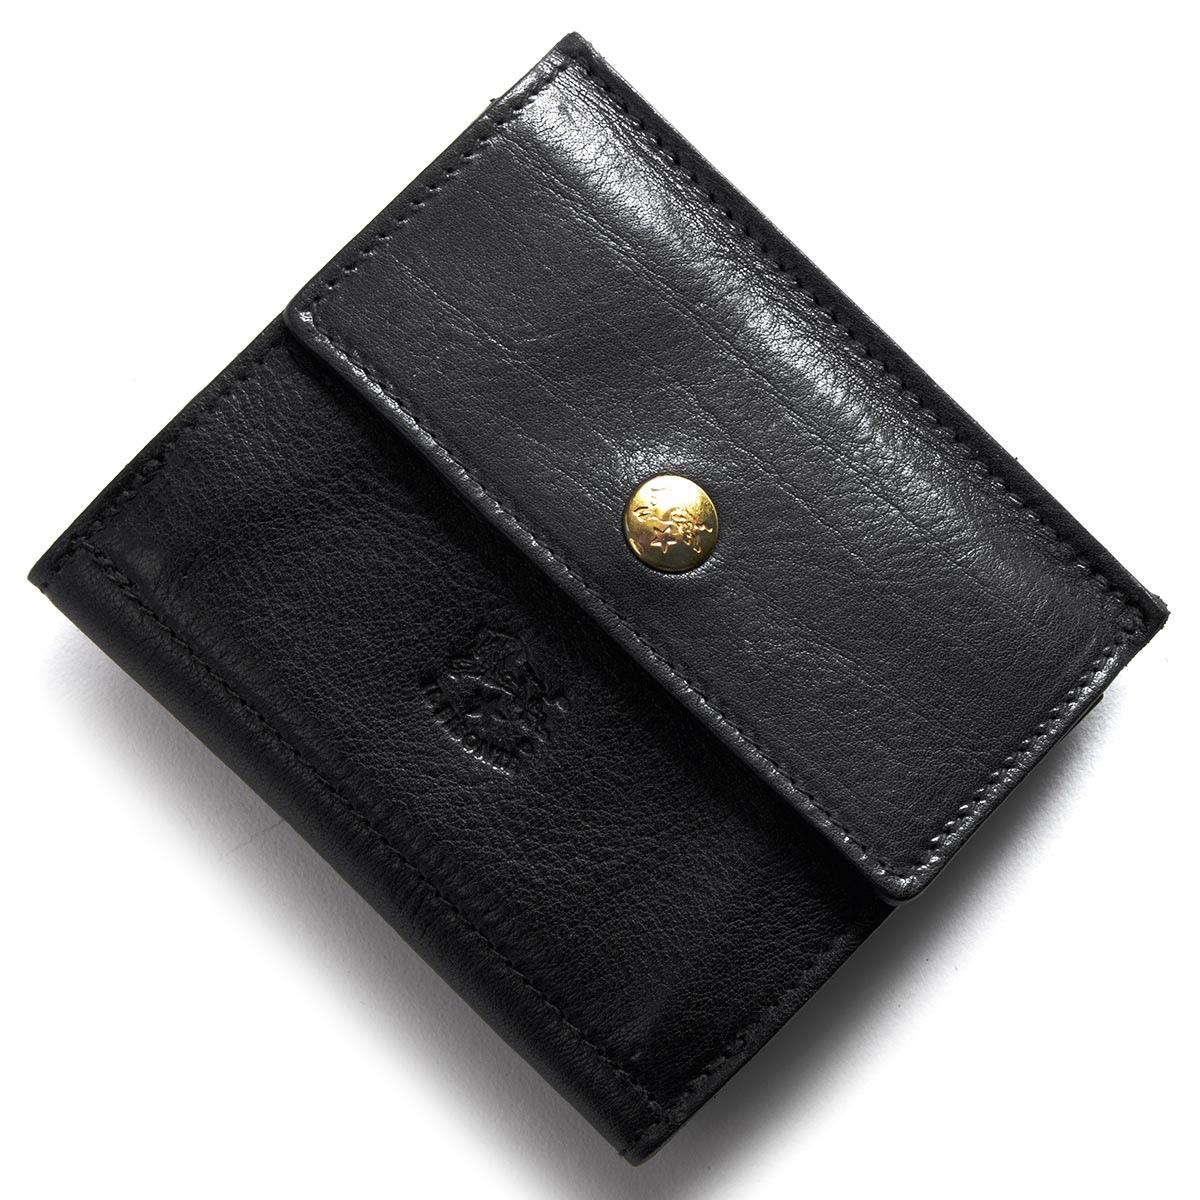 イルビゾンテ 二つ折り財布/三つ折り財布 財布 メンズ レディース スタンダード STANDARD ブラック C0910 P 153 IL BISONTE